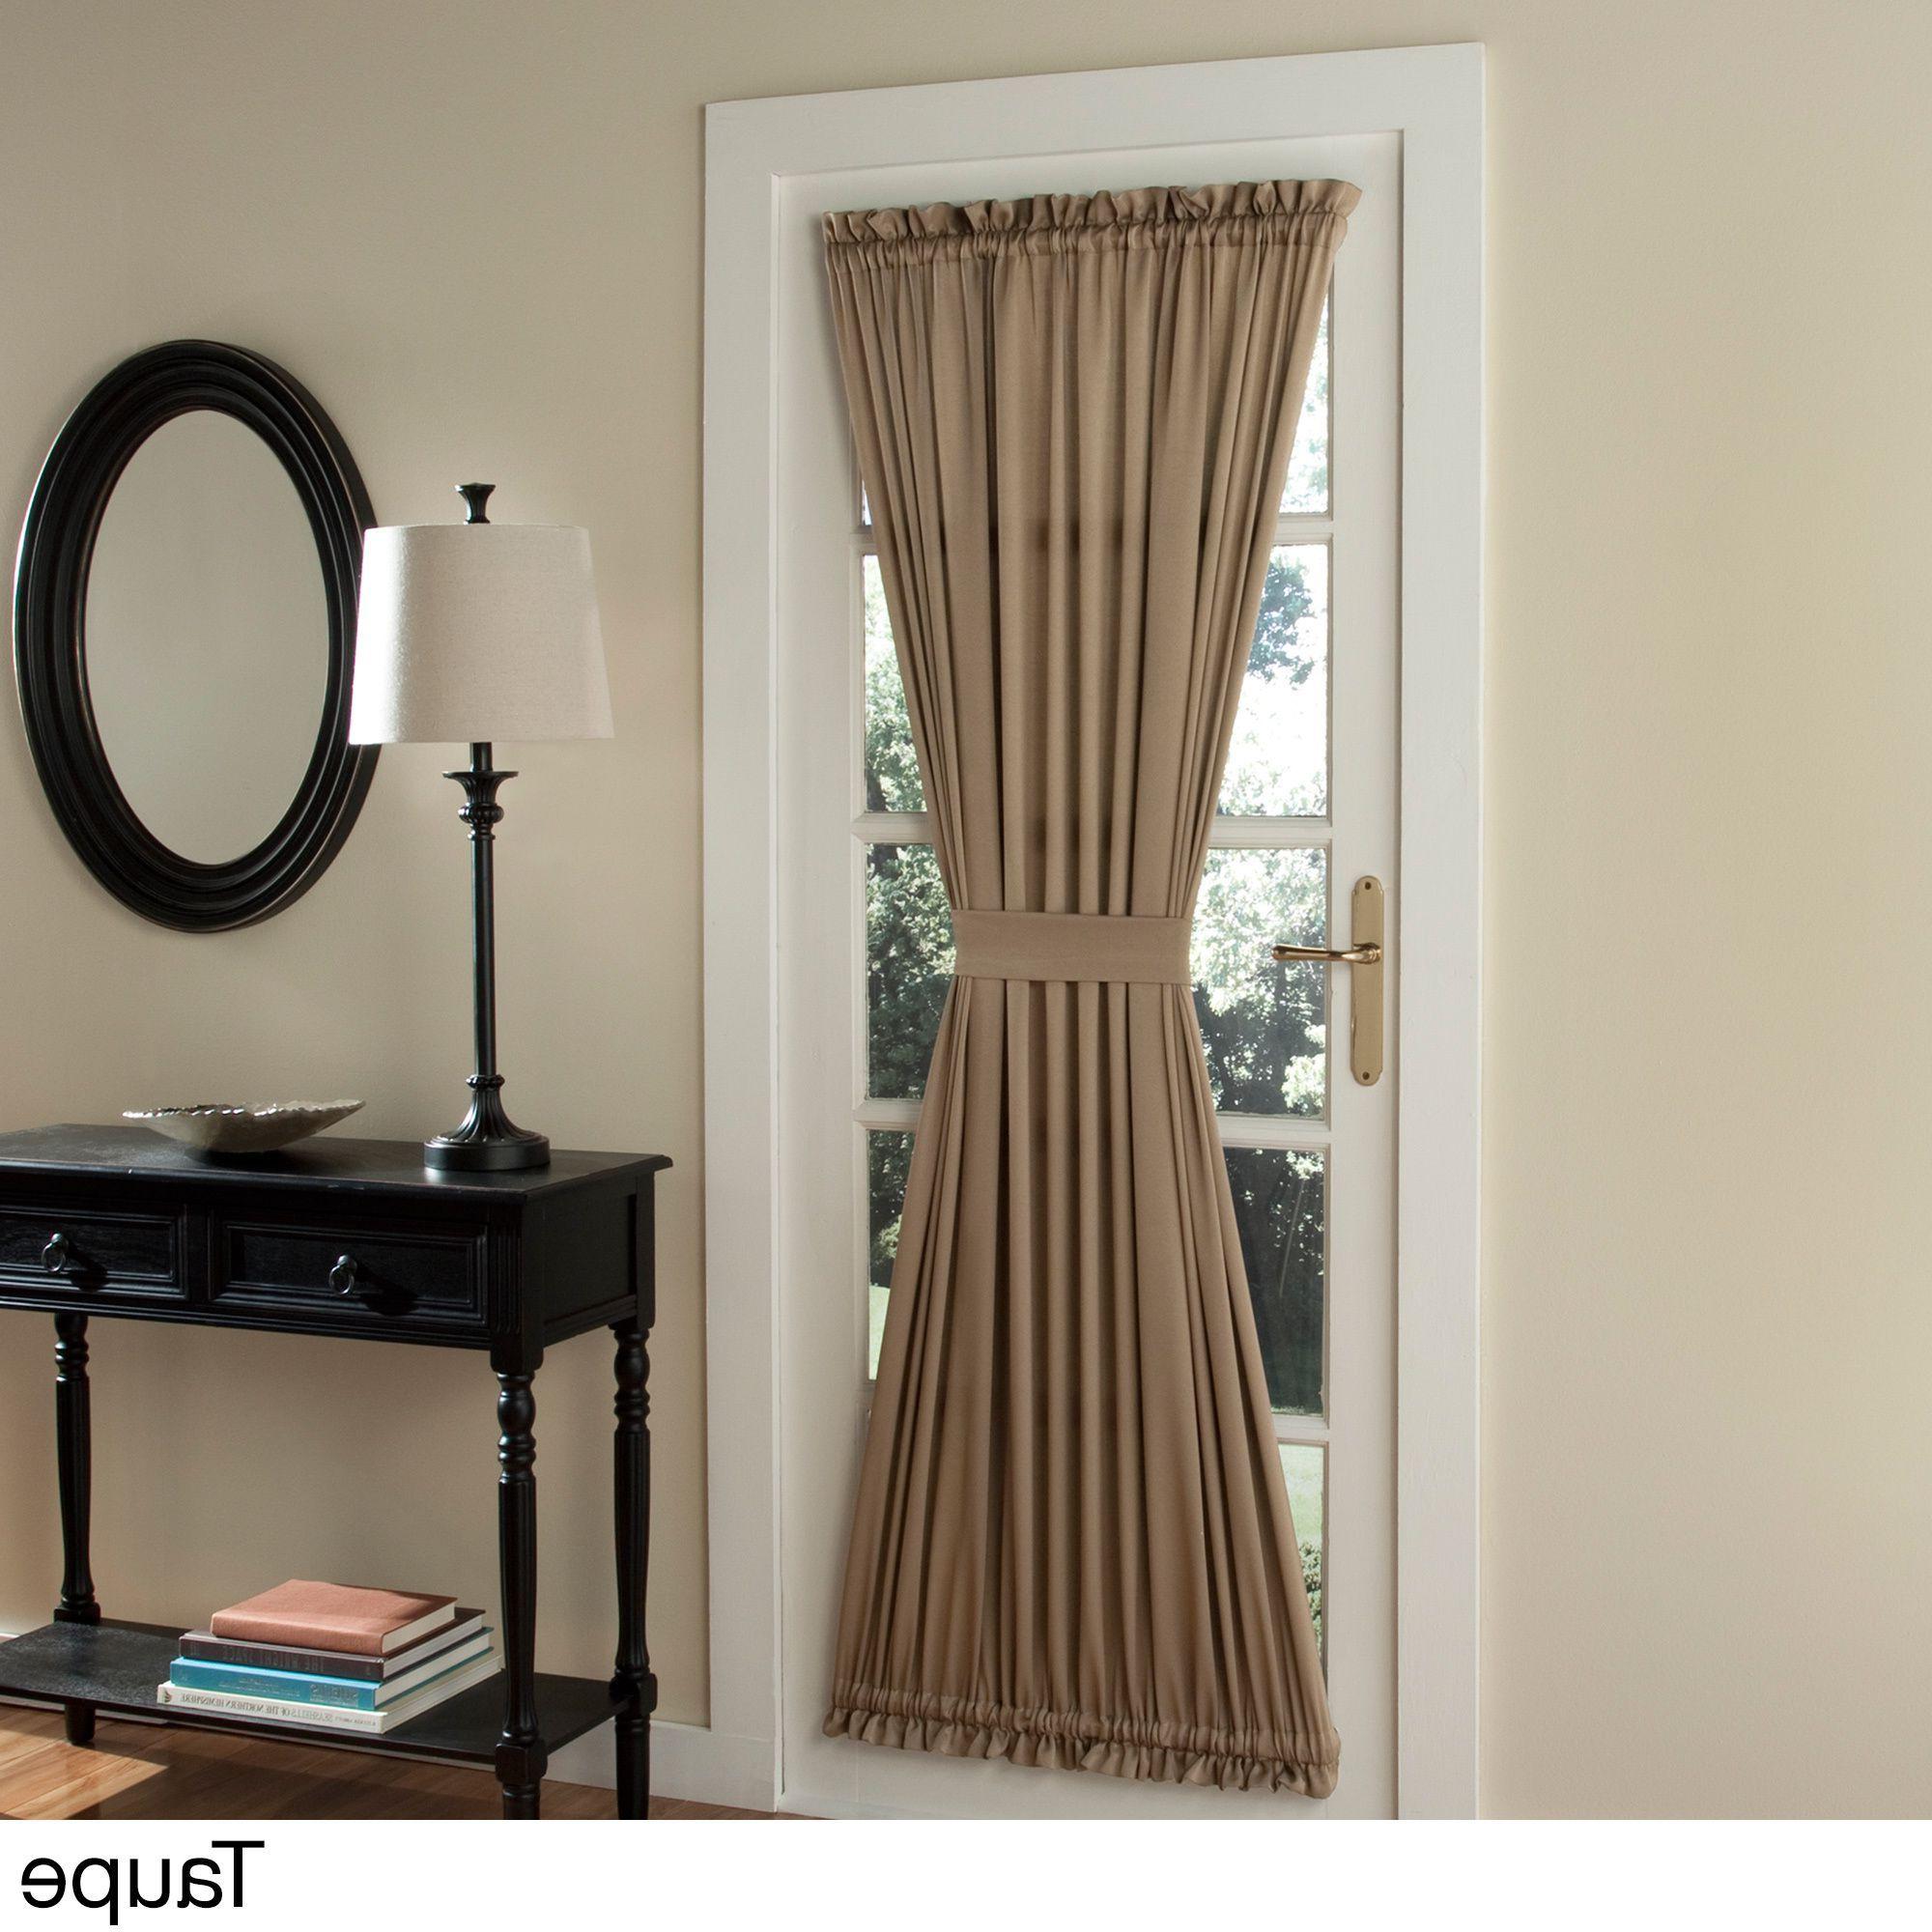 Nantahala Rod Pocket Room Darkening Patio Door Single Curtain Panels Within Trendy Porch & Den Nantahala Patio Door Window Curtain Panel In (View 8 of 20)